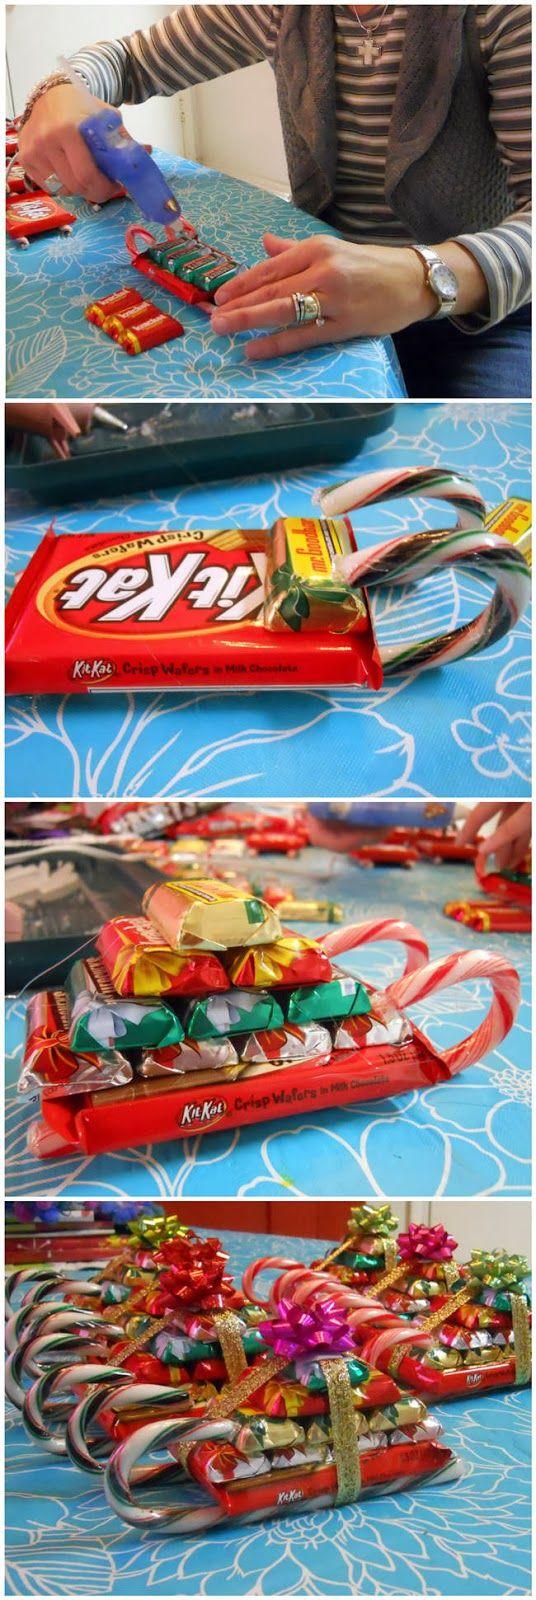 traîneaux de bonbons